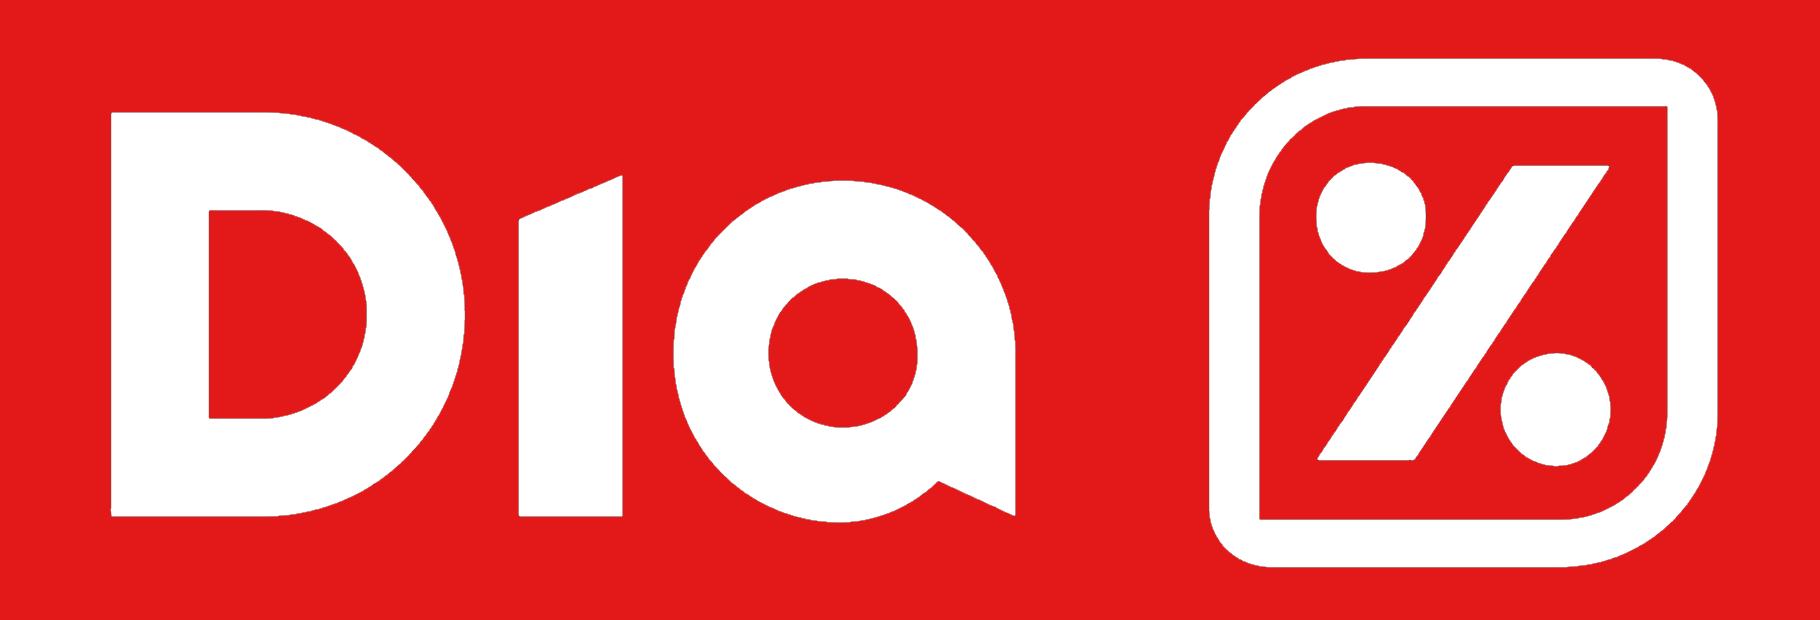 dia supermarket logos download